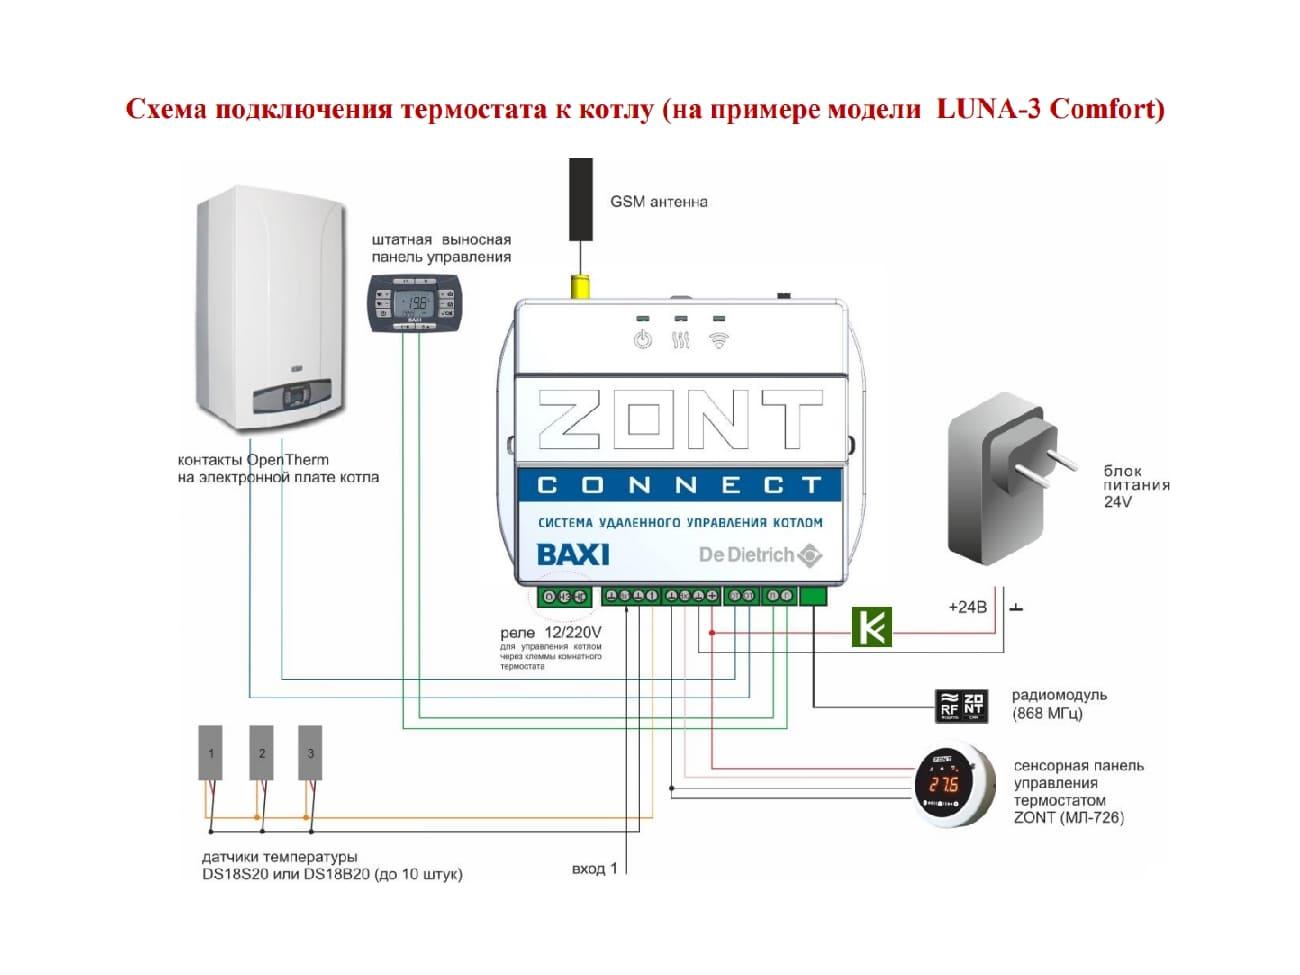 Как организовать удаленное управление котлом отопления: умные терморегуляторы и wi-fi модули